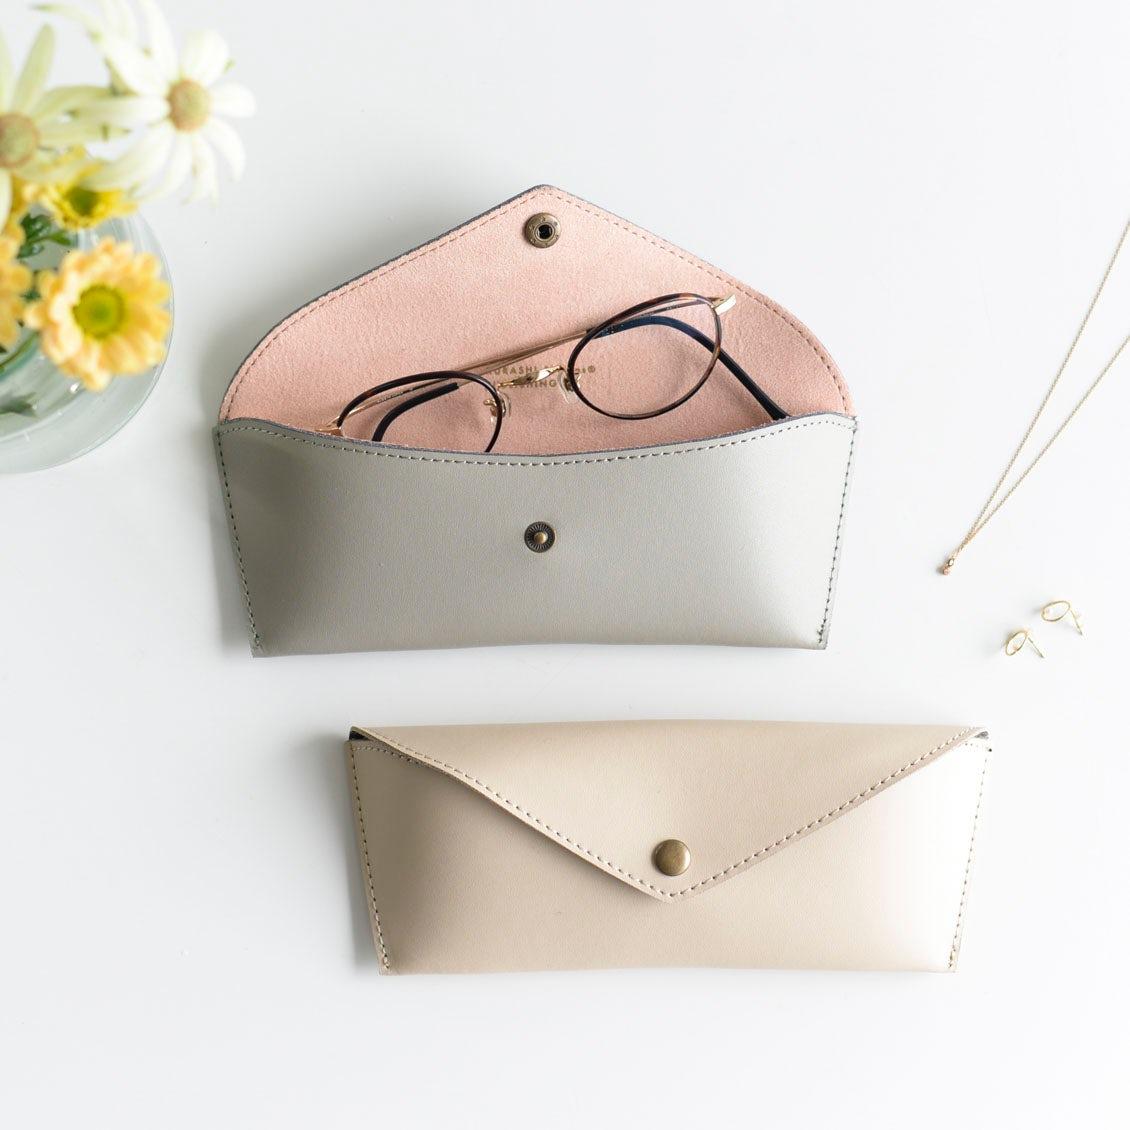 オリジナルのメガネケースが再入荷!